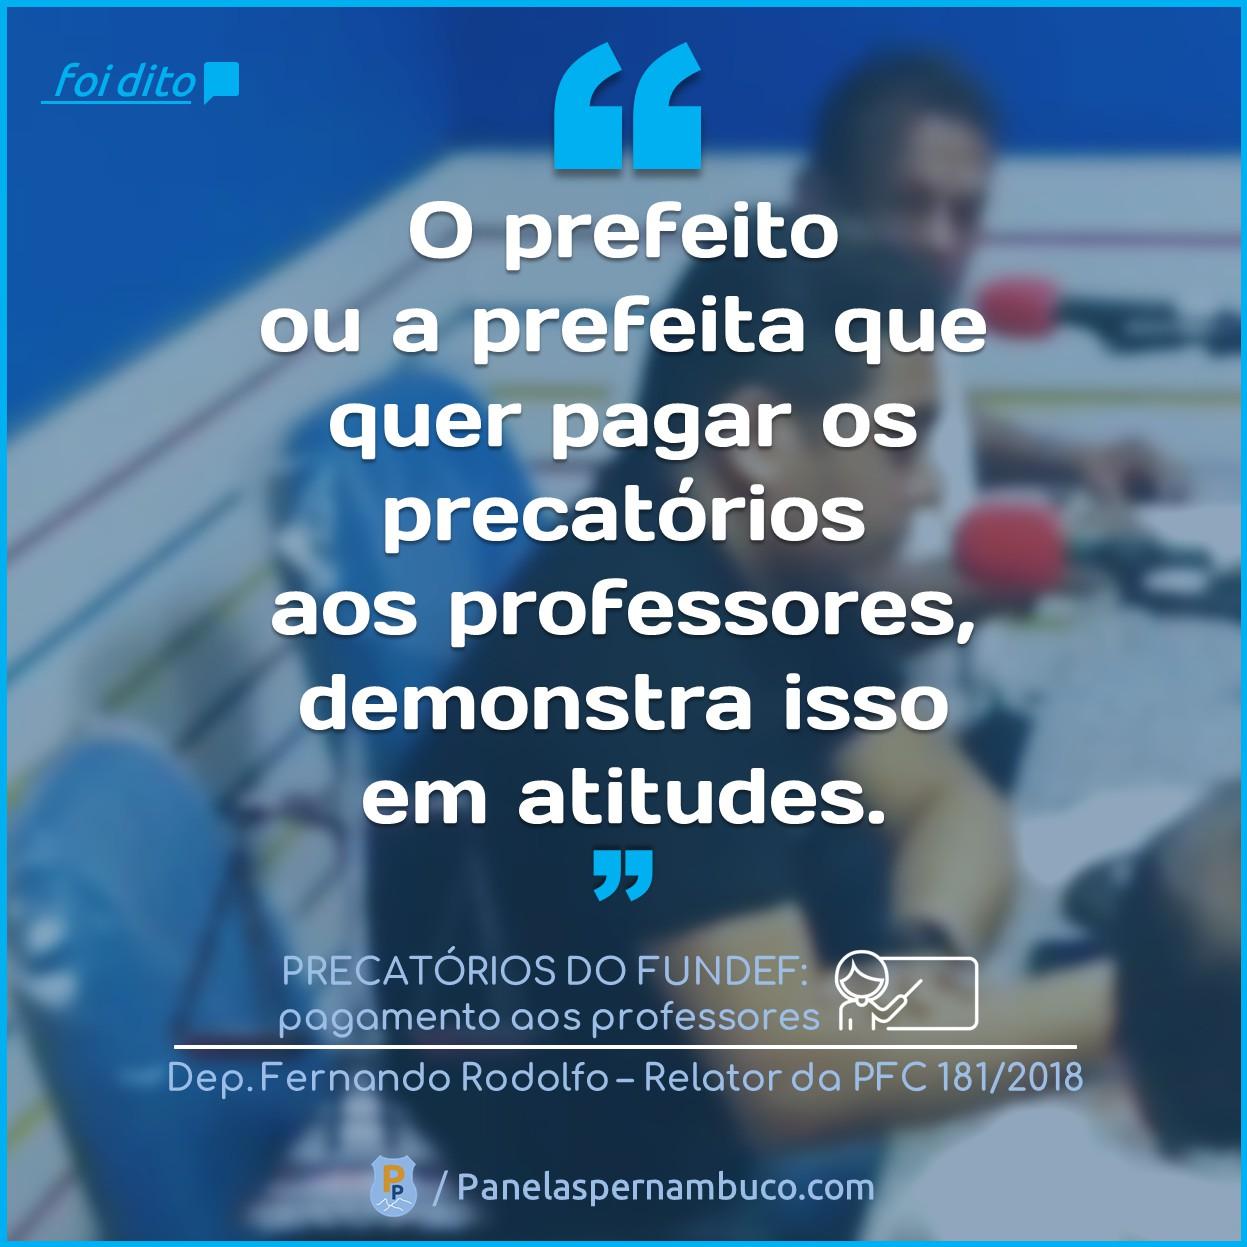 """""""O prefeito  ou a prefeita que  quer pagar os  precatórios  aos professores,  demostra isso  em atitudes."""" Dito por: Deputador Fernando Rodolfo"""